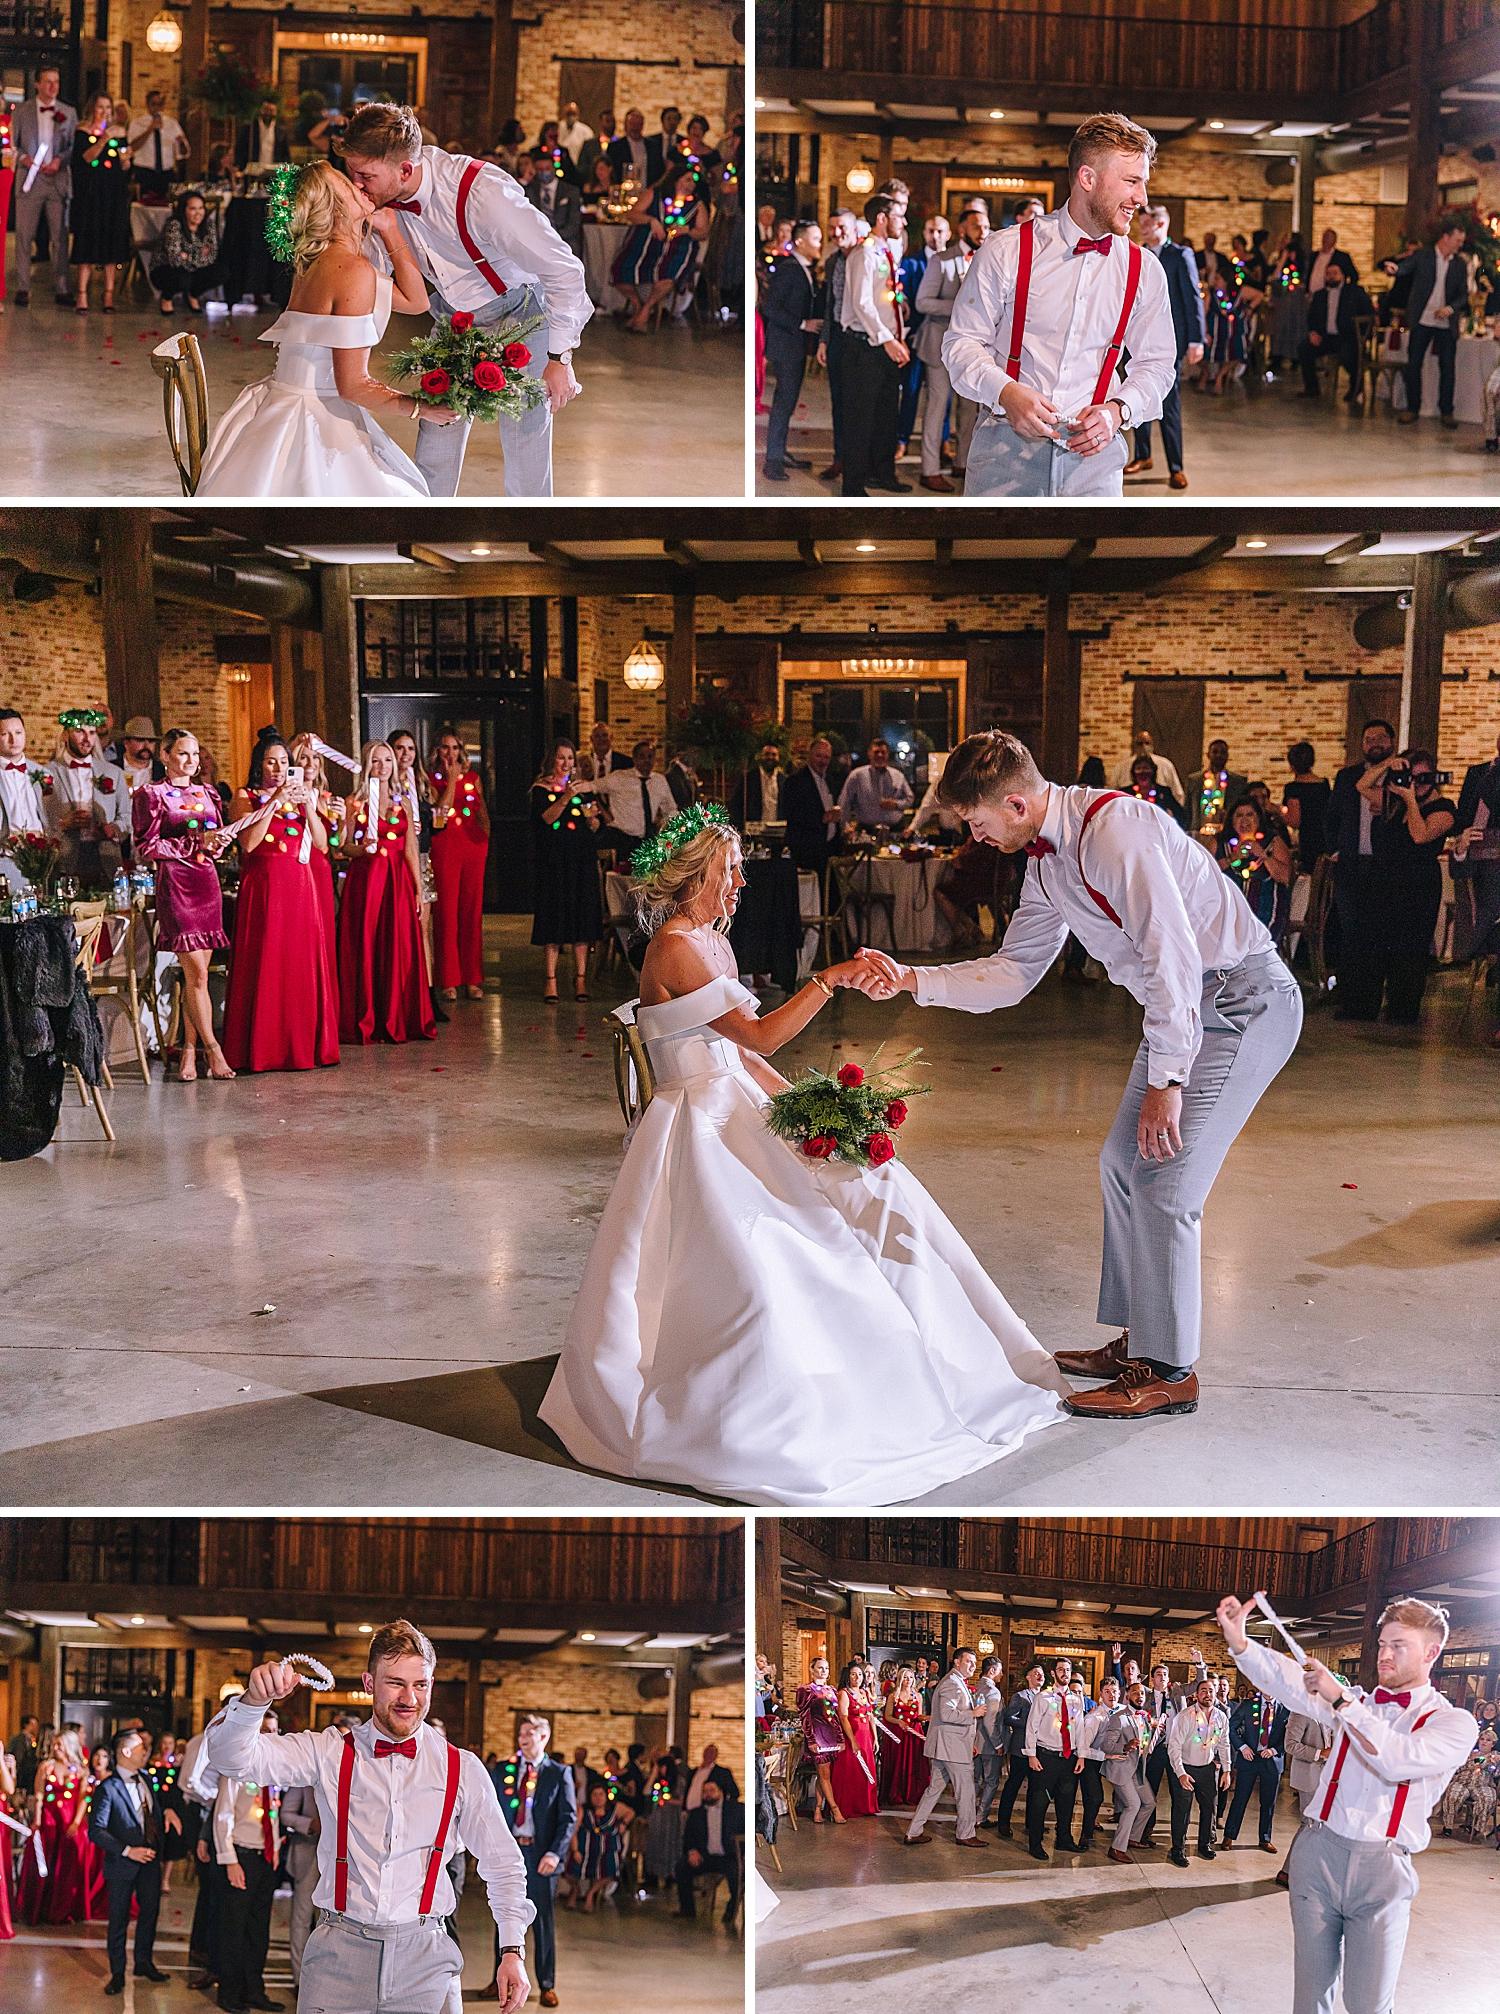 College-Station-Aggie-Wedding-The-Weinberg-at-Wixon-Valley-Christmas-Hallmark-Wedding_0112.jpg